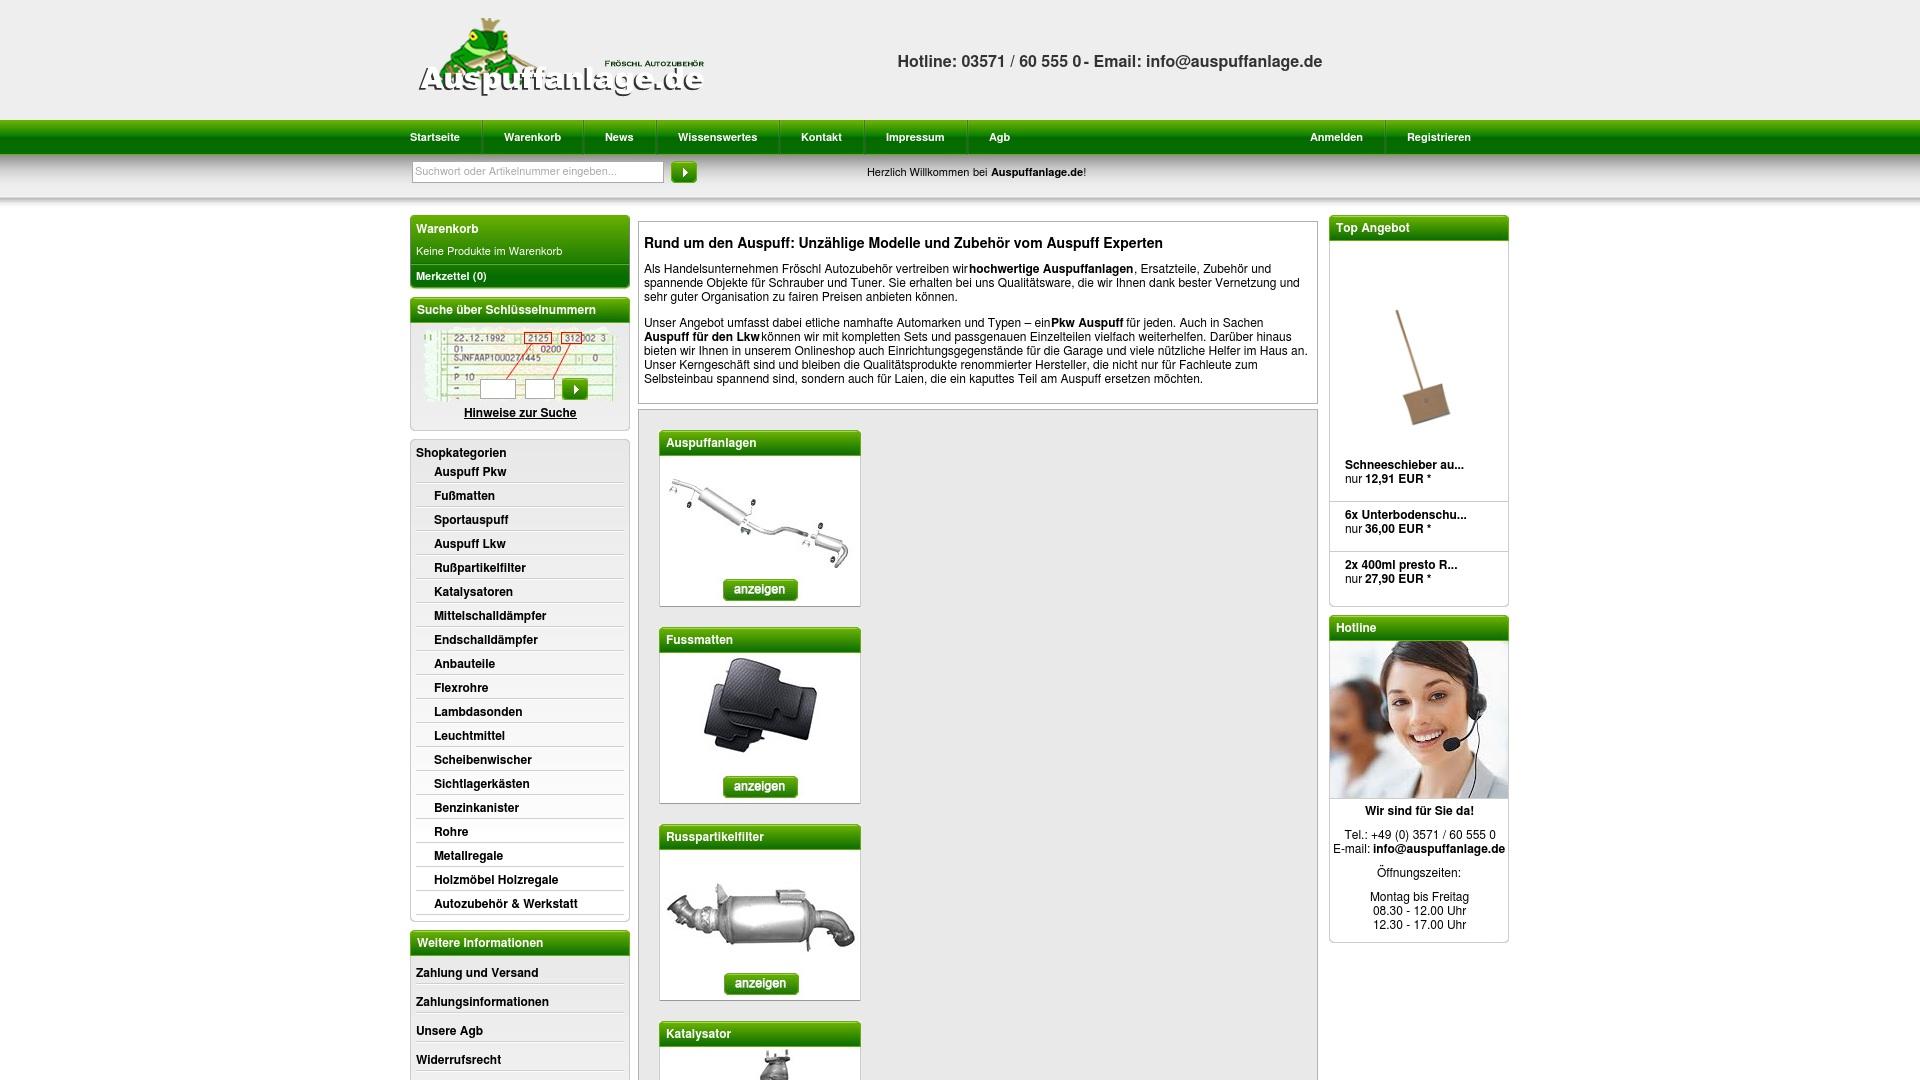 Gutschein für Auspuffanlage: Rabatte für  Auspuffanlage sichern